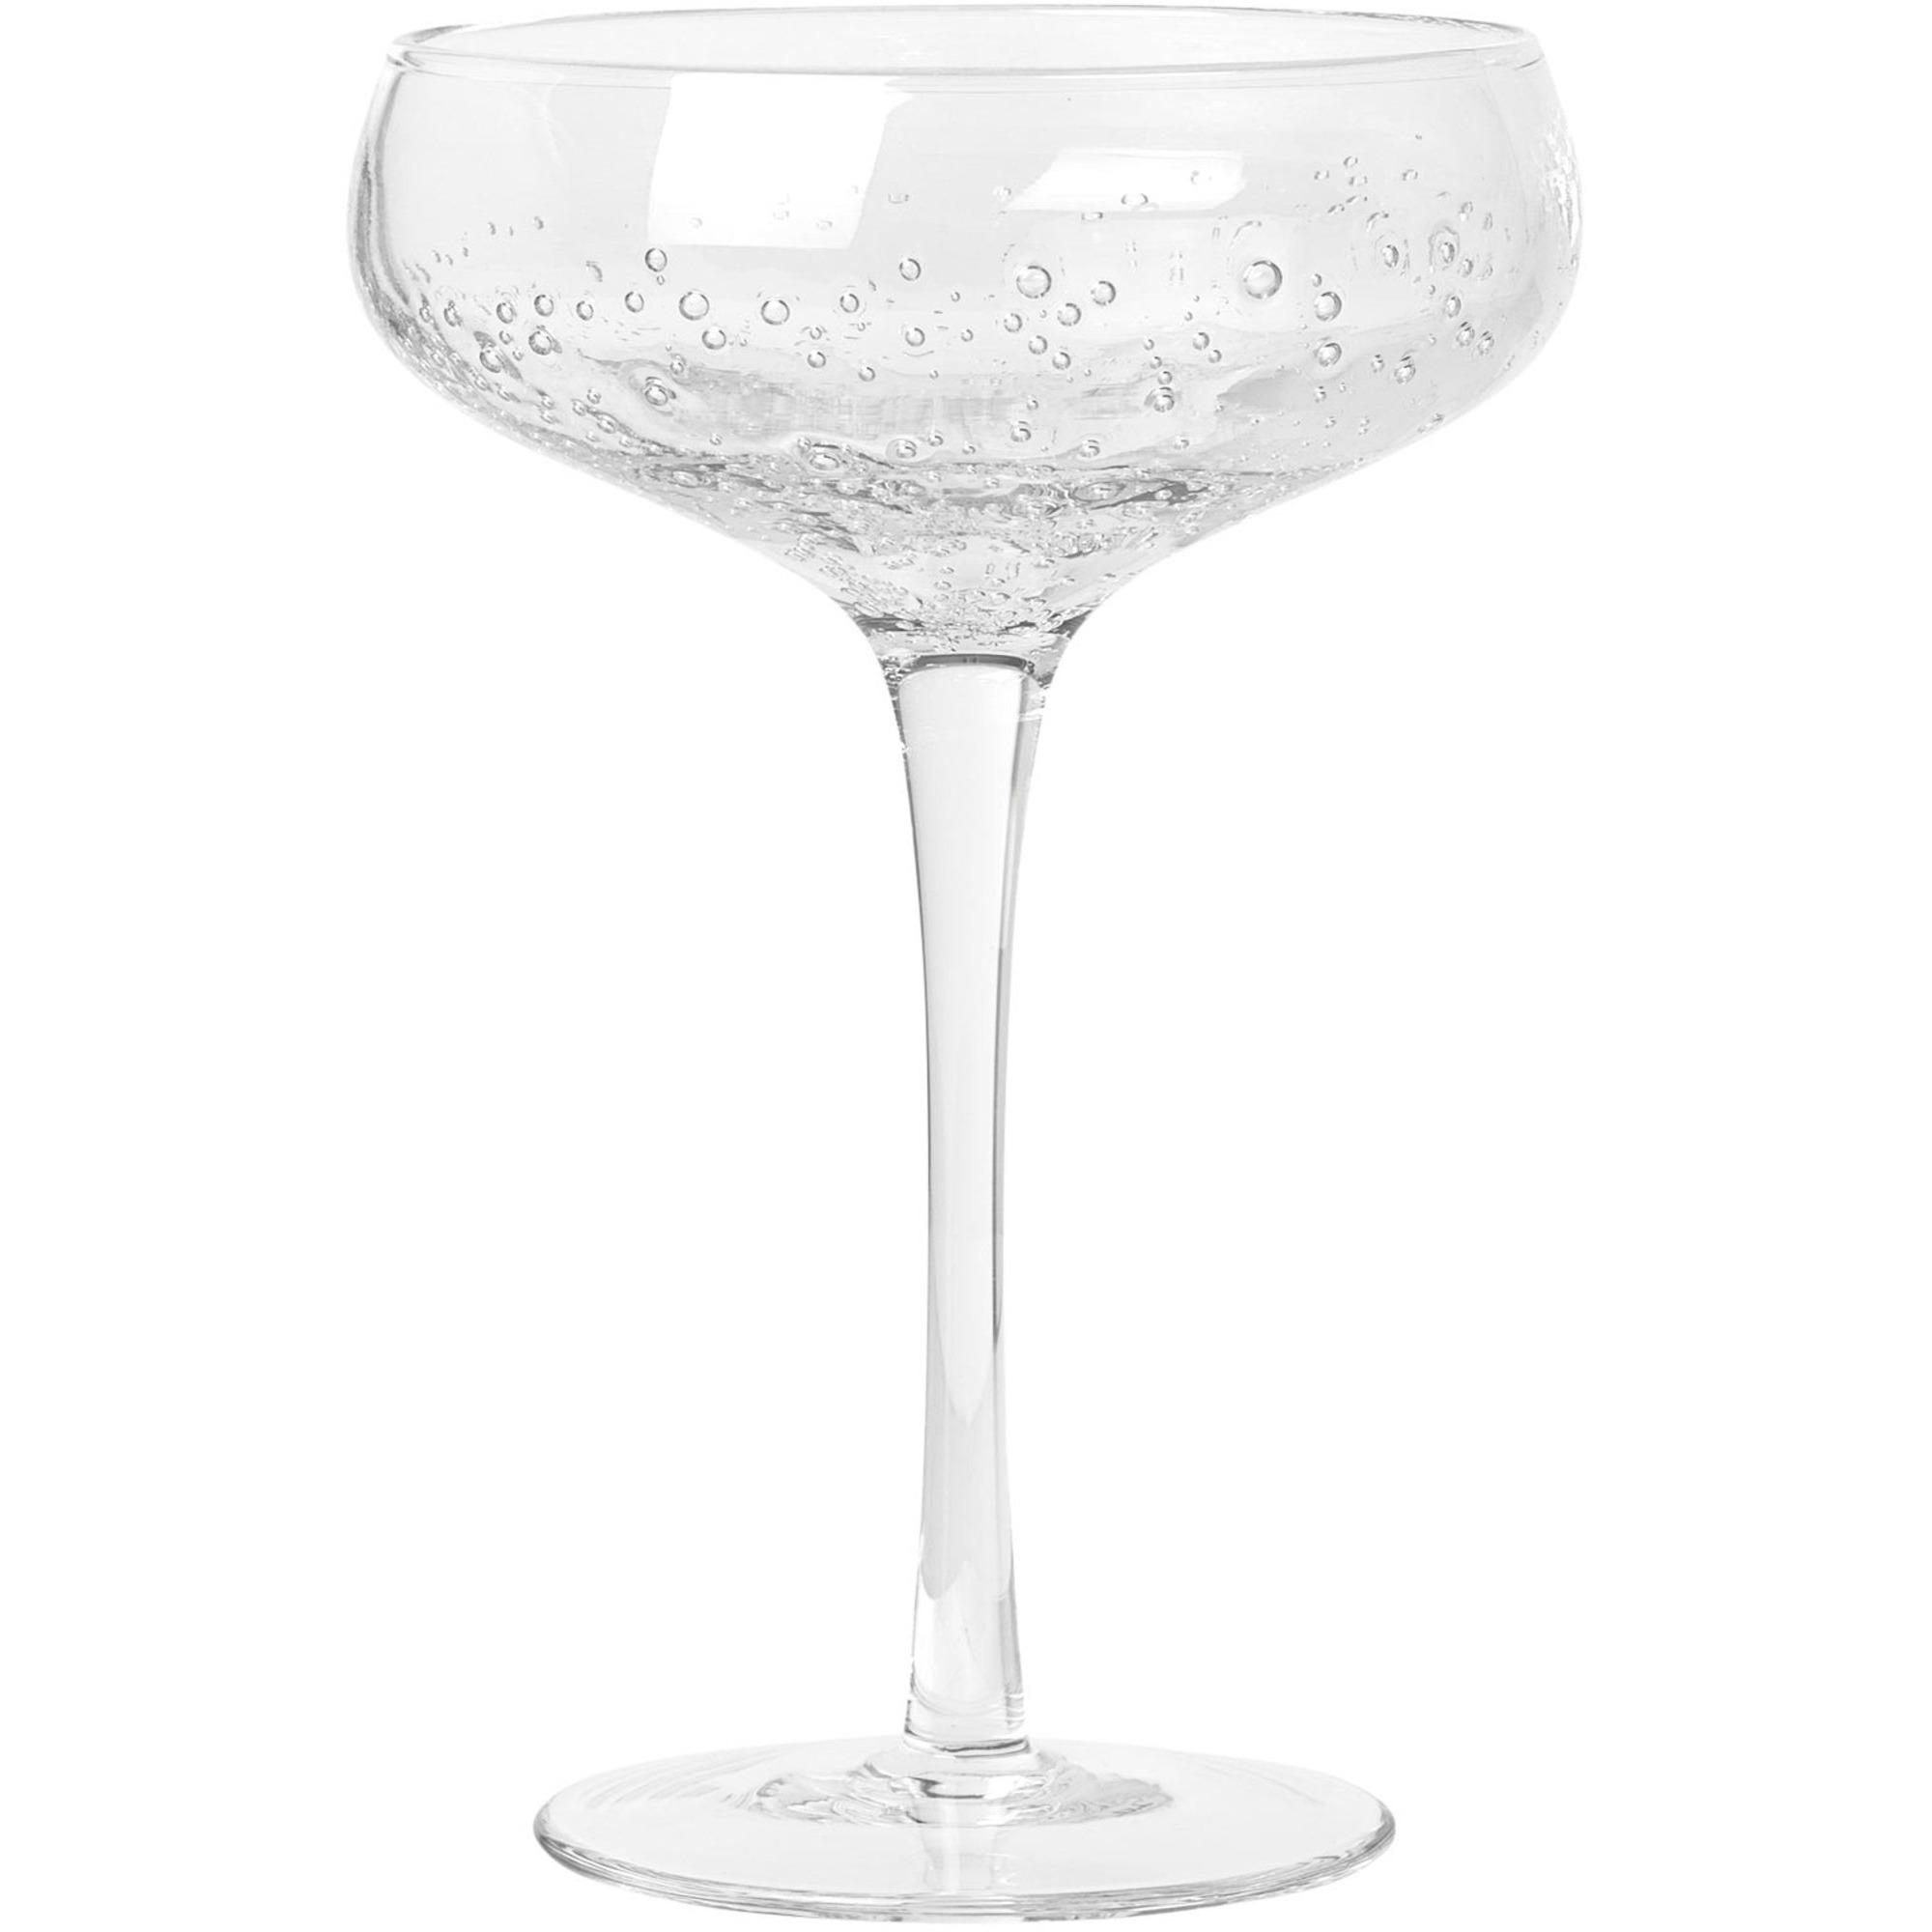 Broste Copenhagen 'Bubble' Munblåst cocktailglas